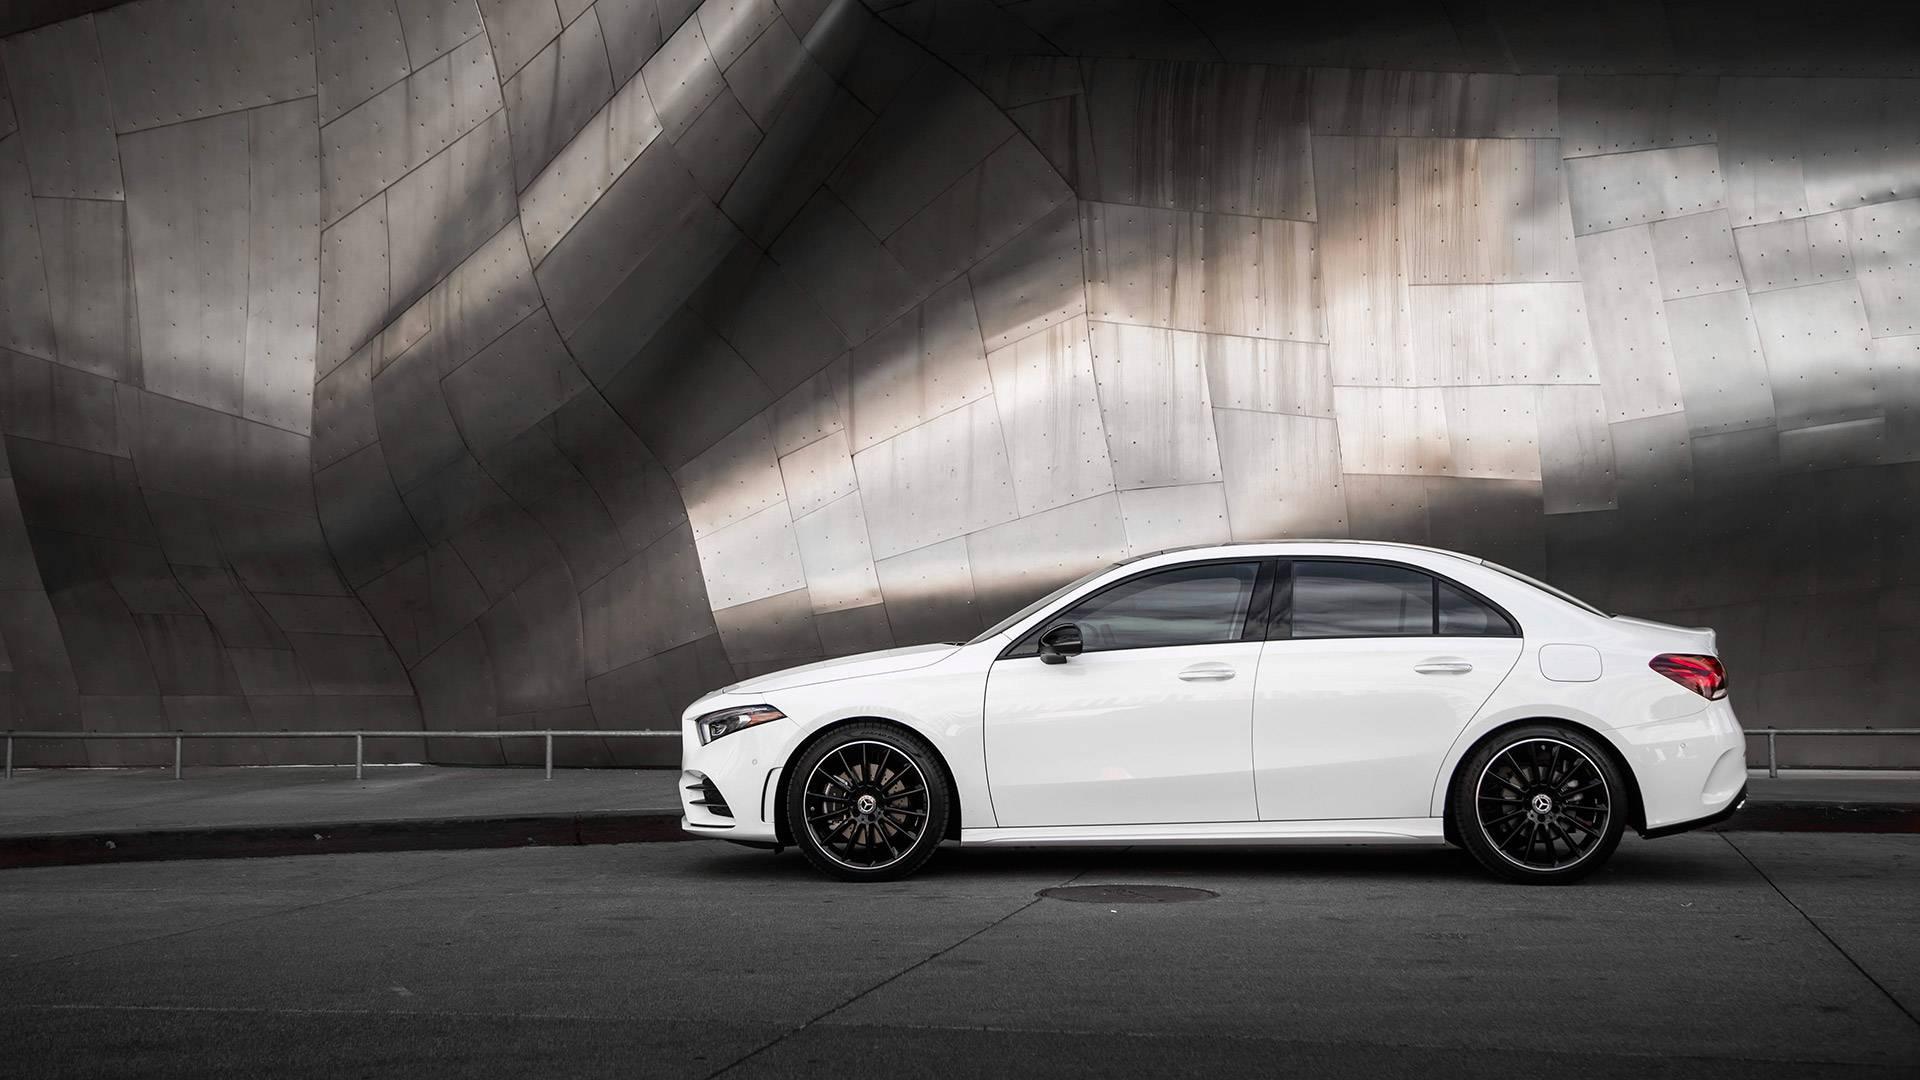 Renting autónomos y empresas Mercedes Sedan